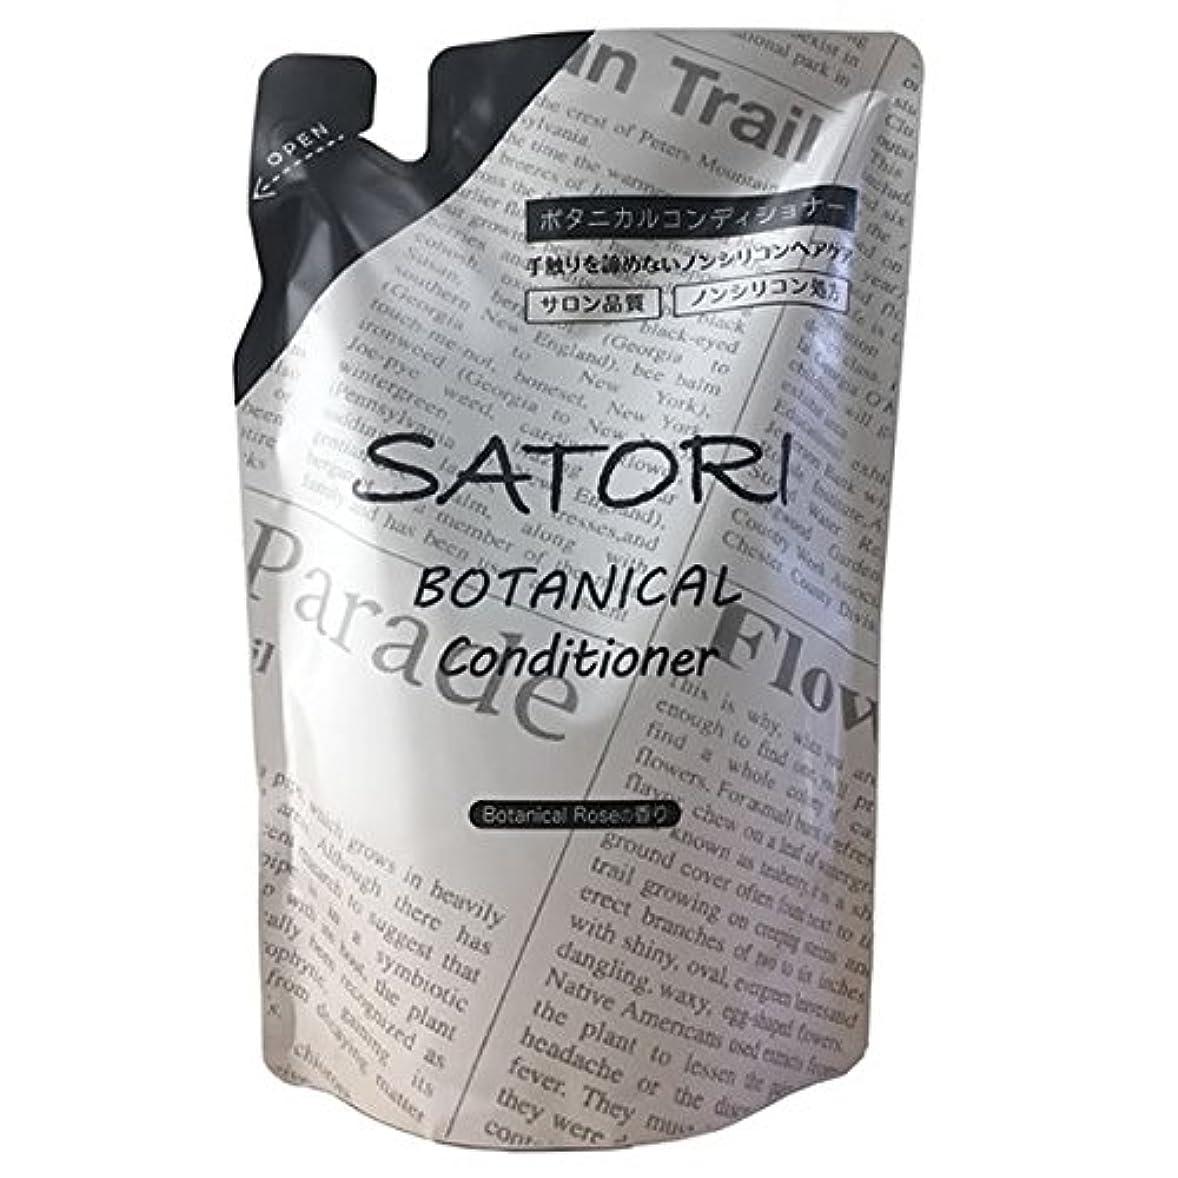 海外メルボルン起こるSATORI(サトリ) ボタニカルコンディショナー レフィル 400ml